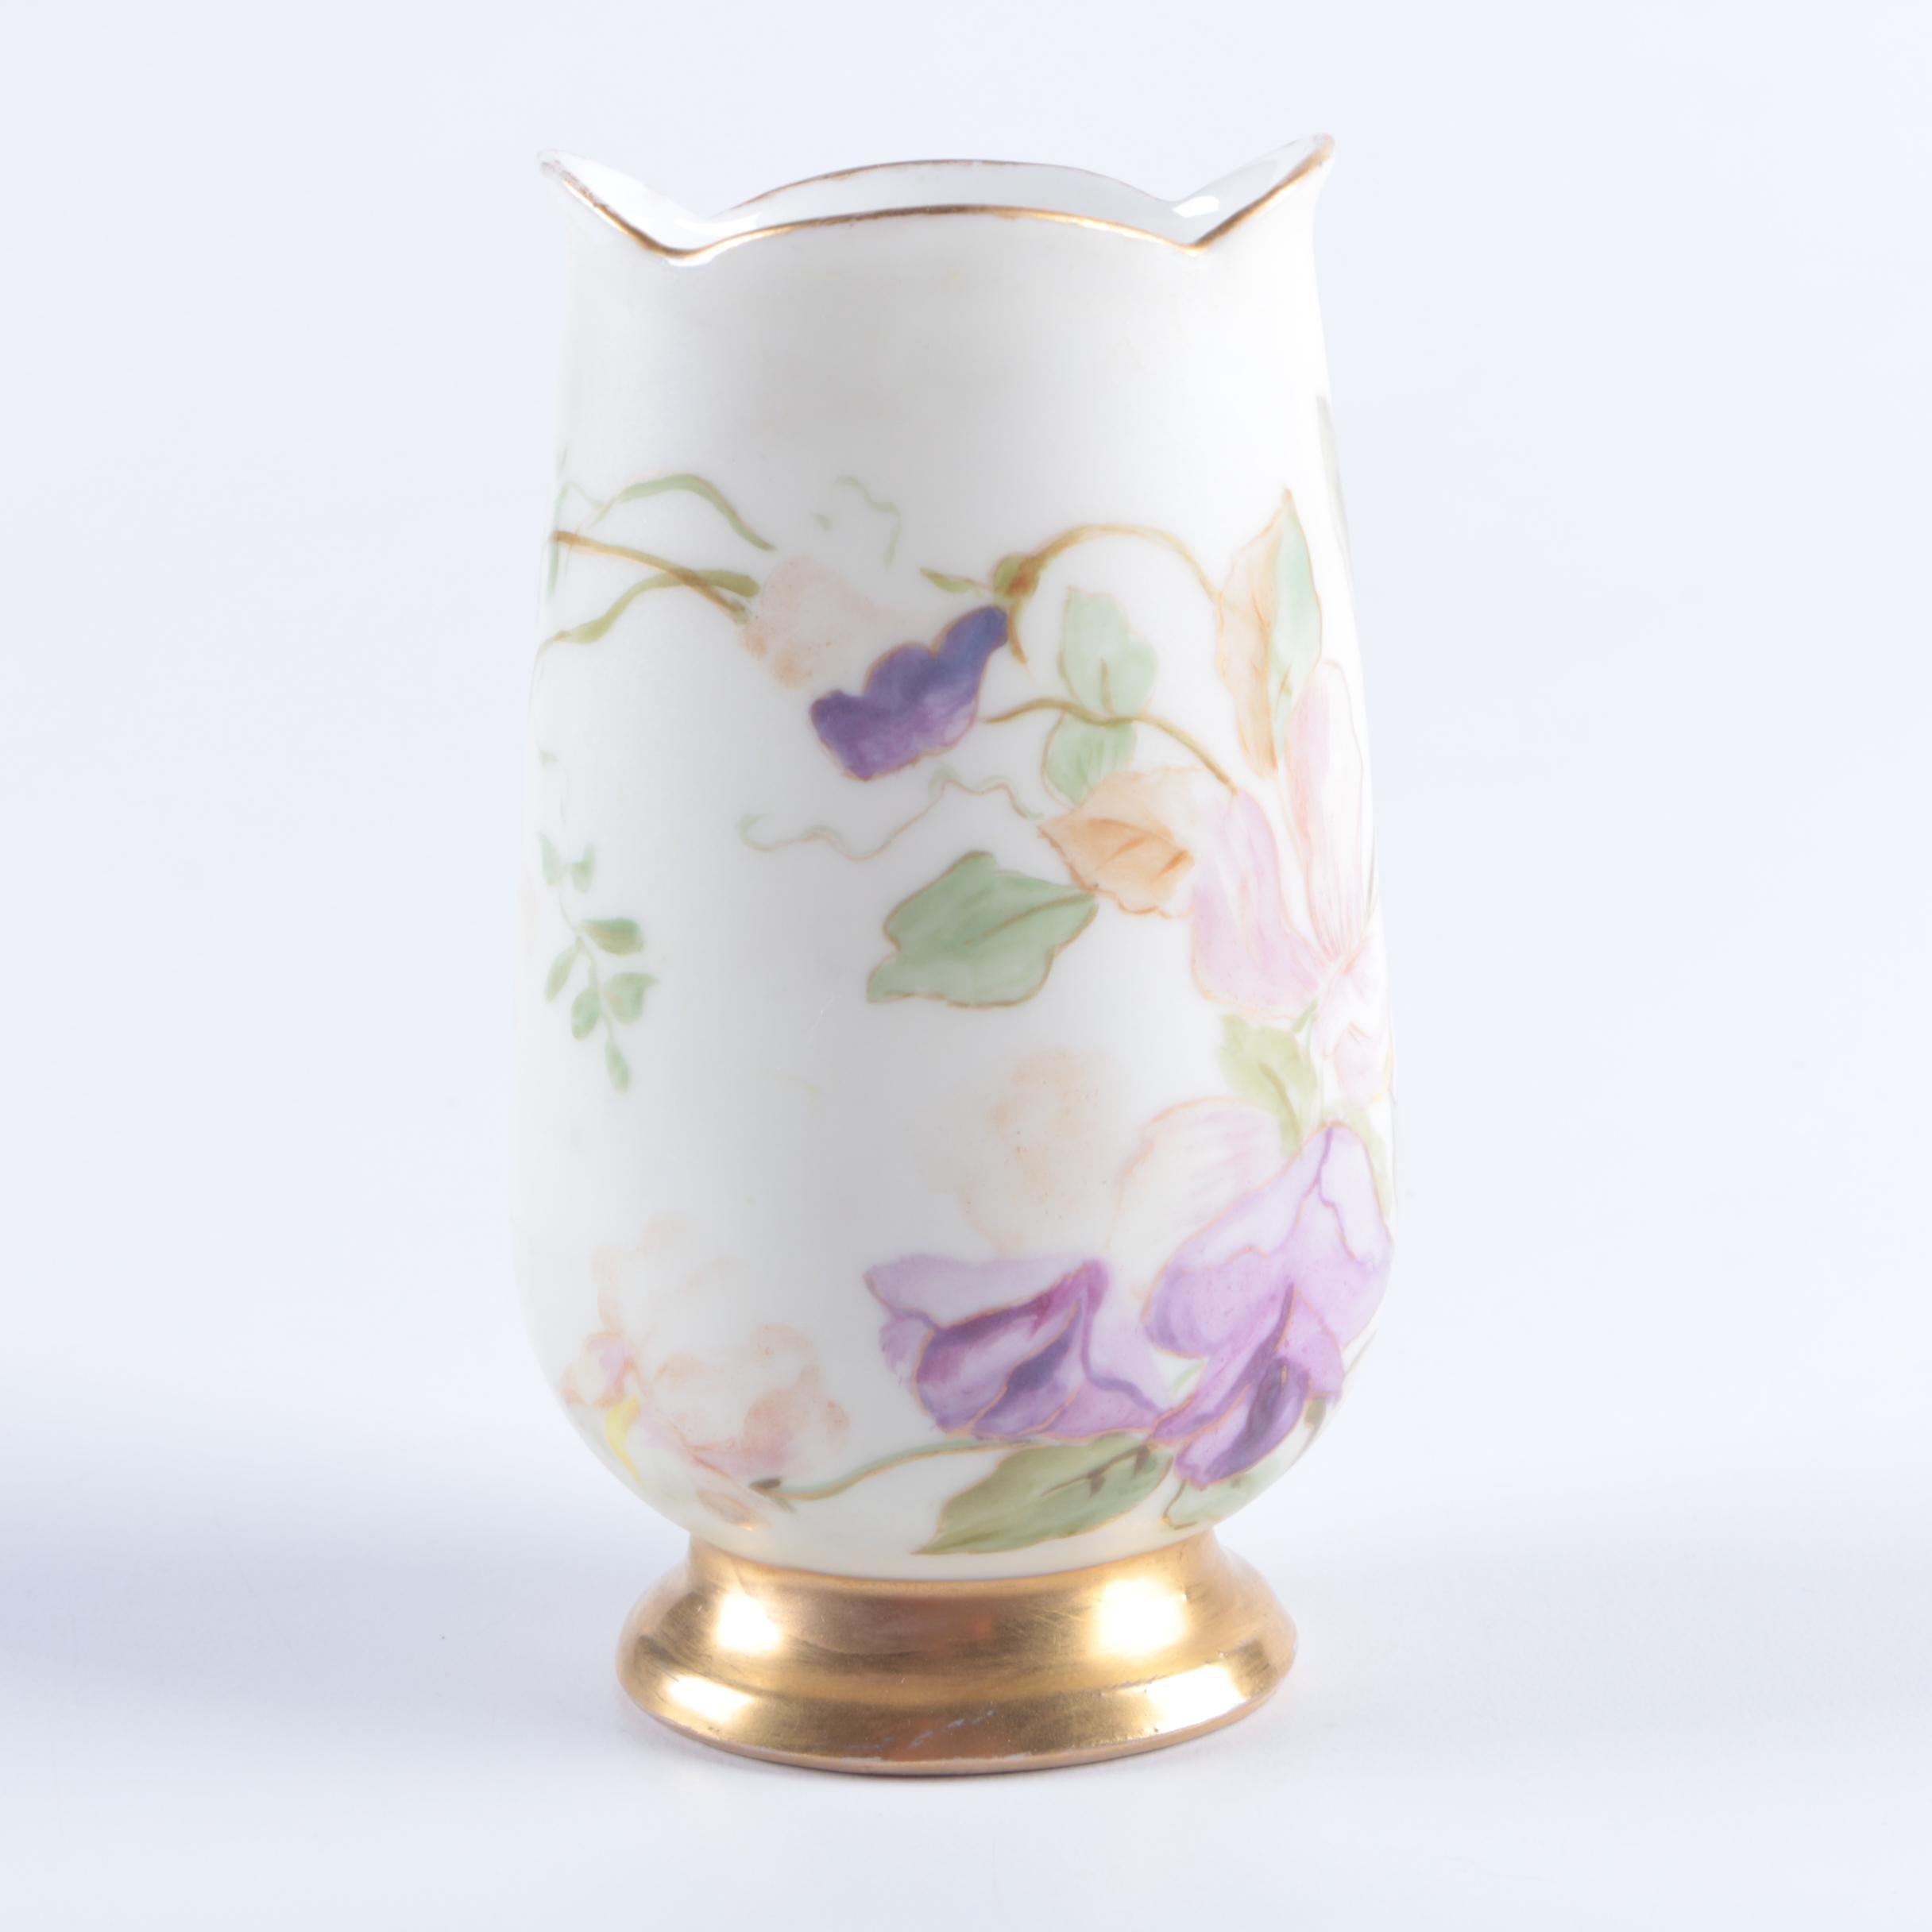 Antique Porcelain Posy Vase